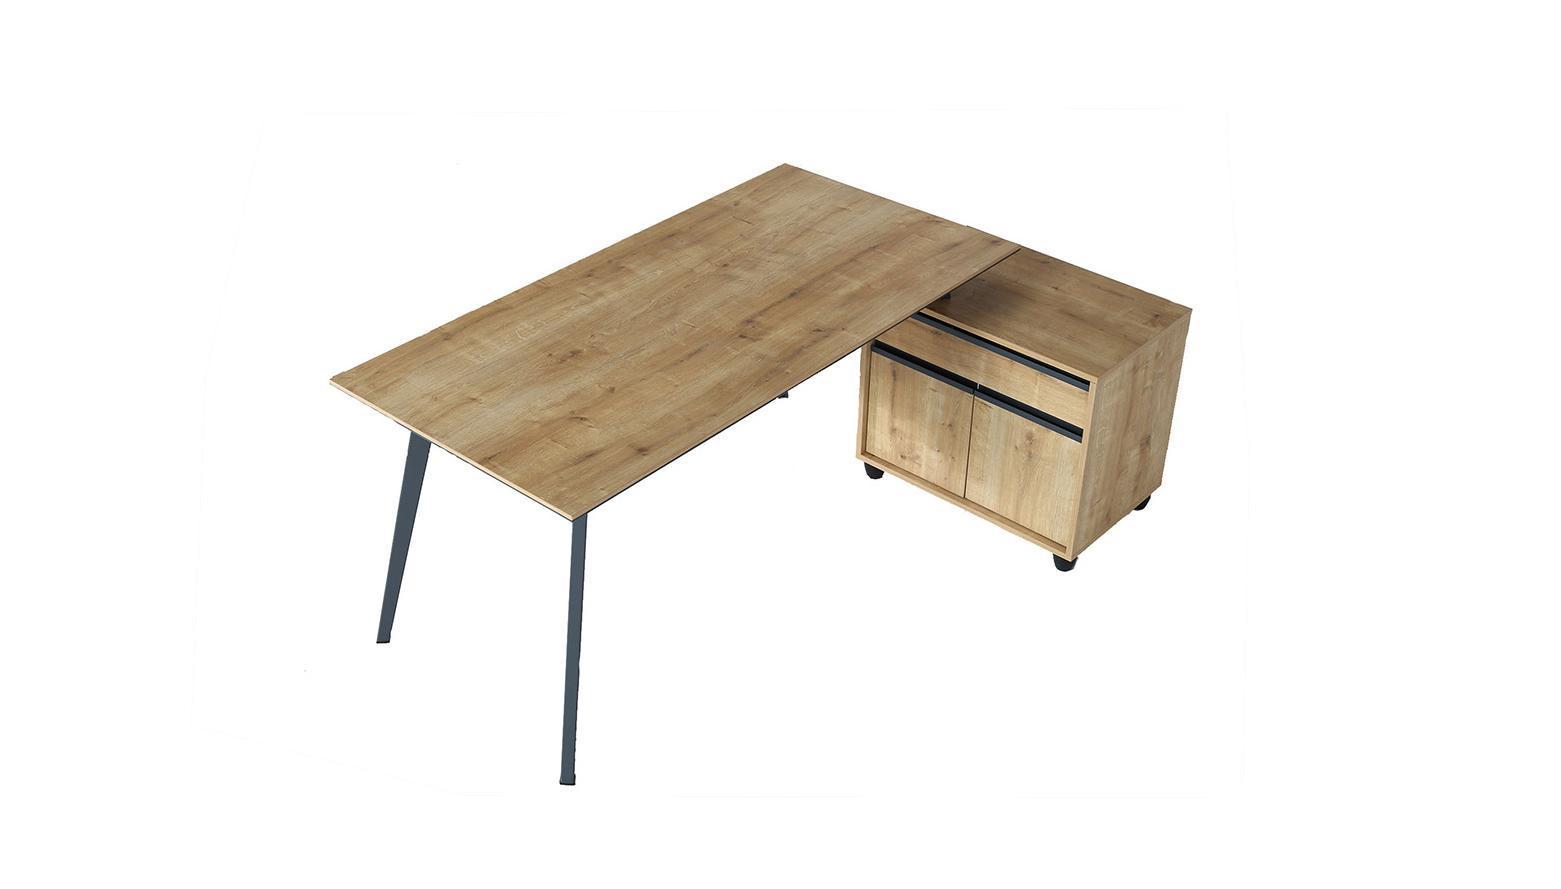 vega üç ayaklı metal ayaklı çalışma masası 160cm